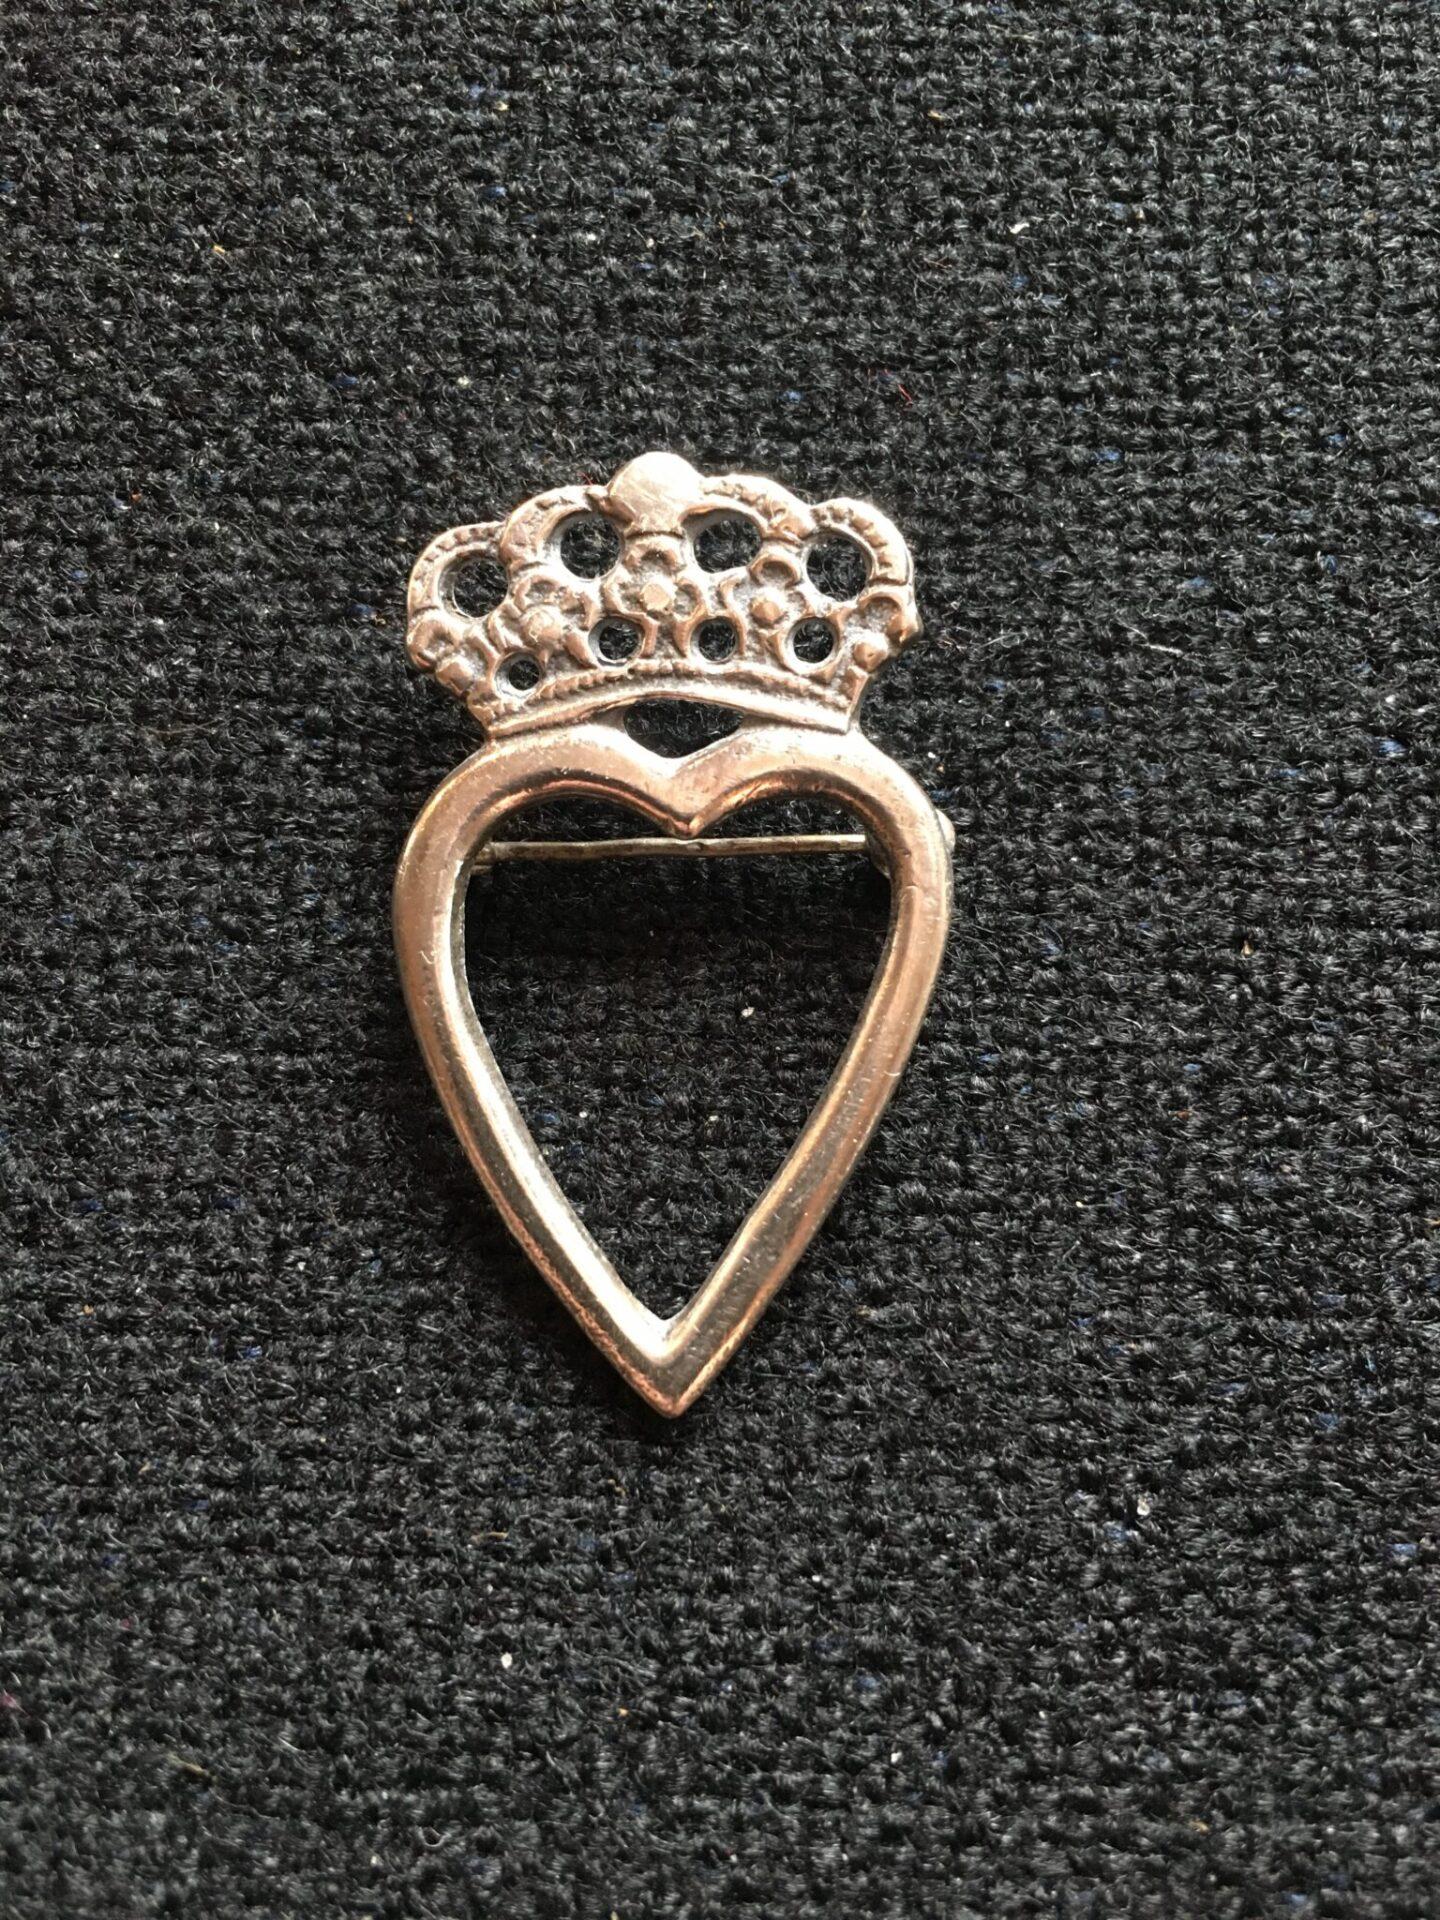 Broche af sølv, h= 4,5 cm, pris 300 kr